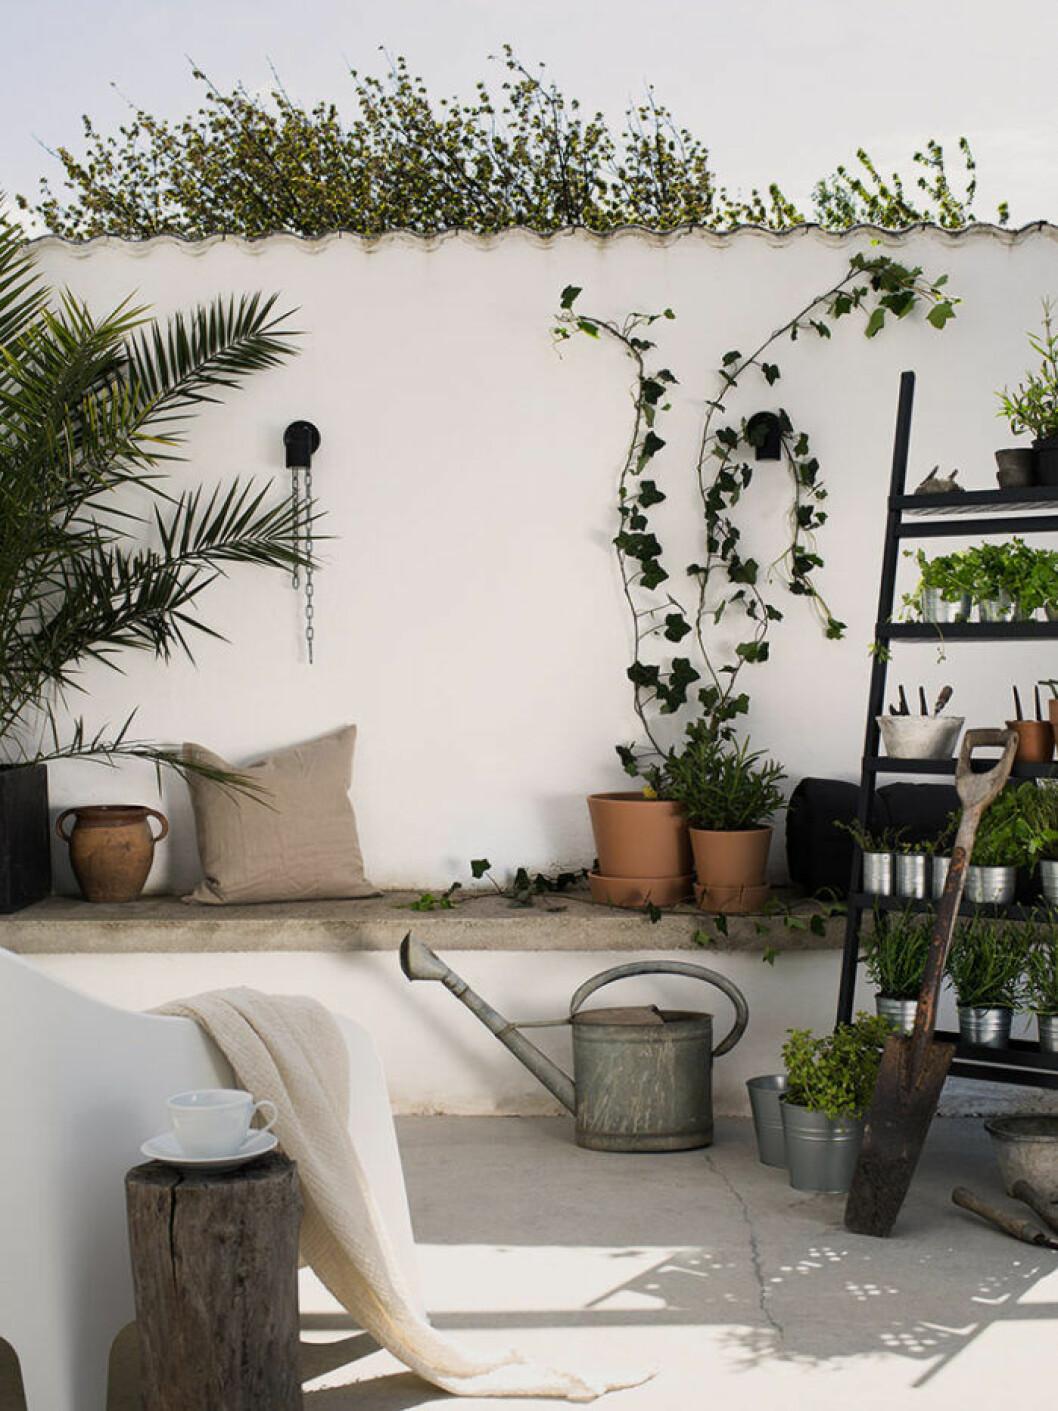 Sittbänk på terrass